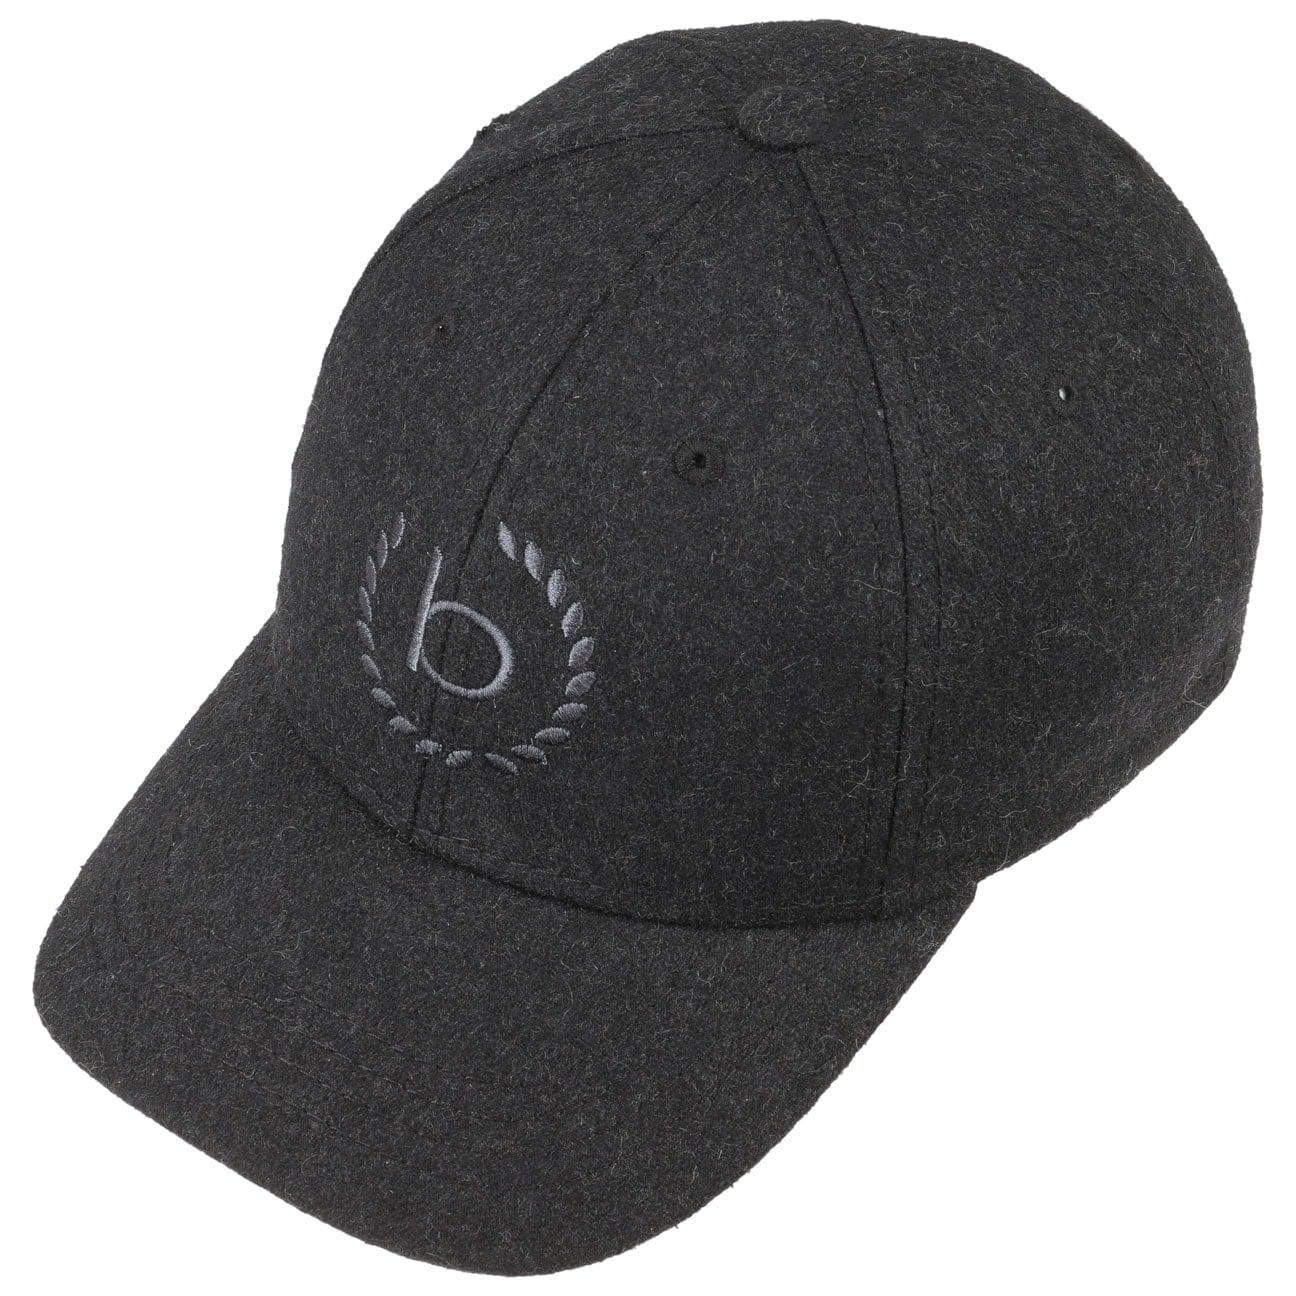 3ae28d23 Classic Logo Herrencap by bugatti, EUR 19,95 --> HUT.de - Hüte ...